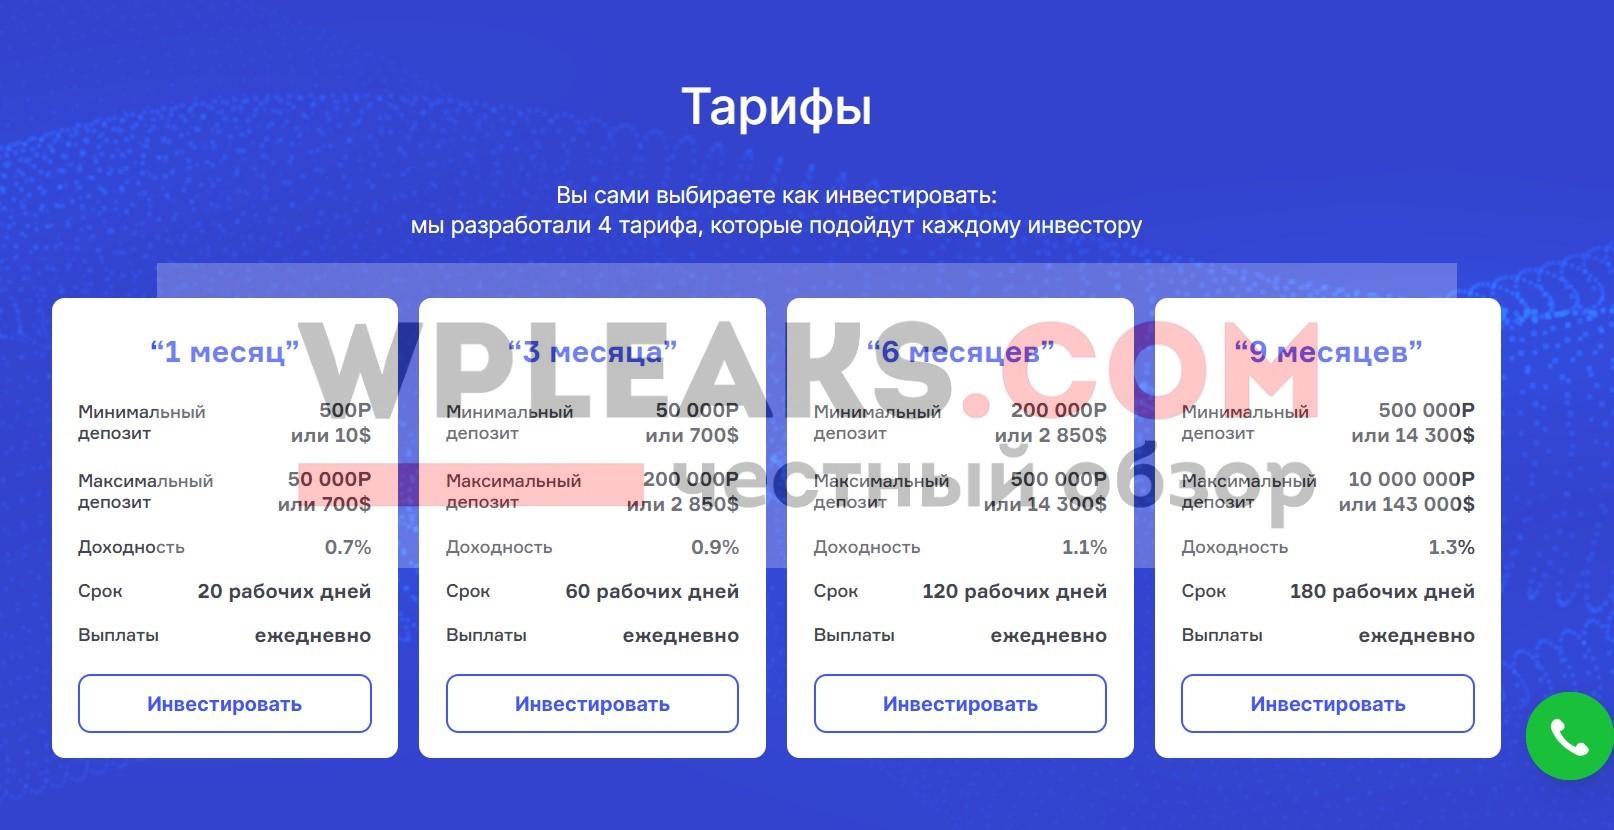 invest-status.com обзор проекта